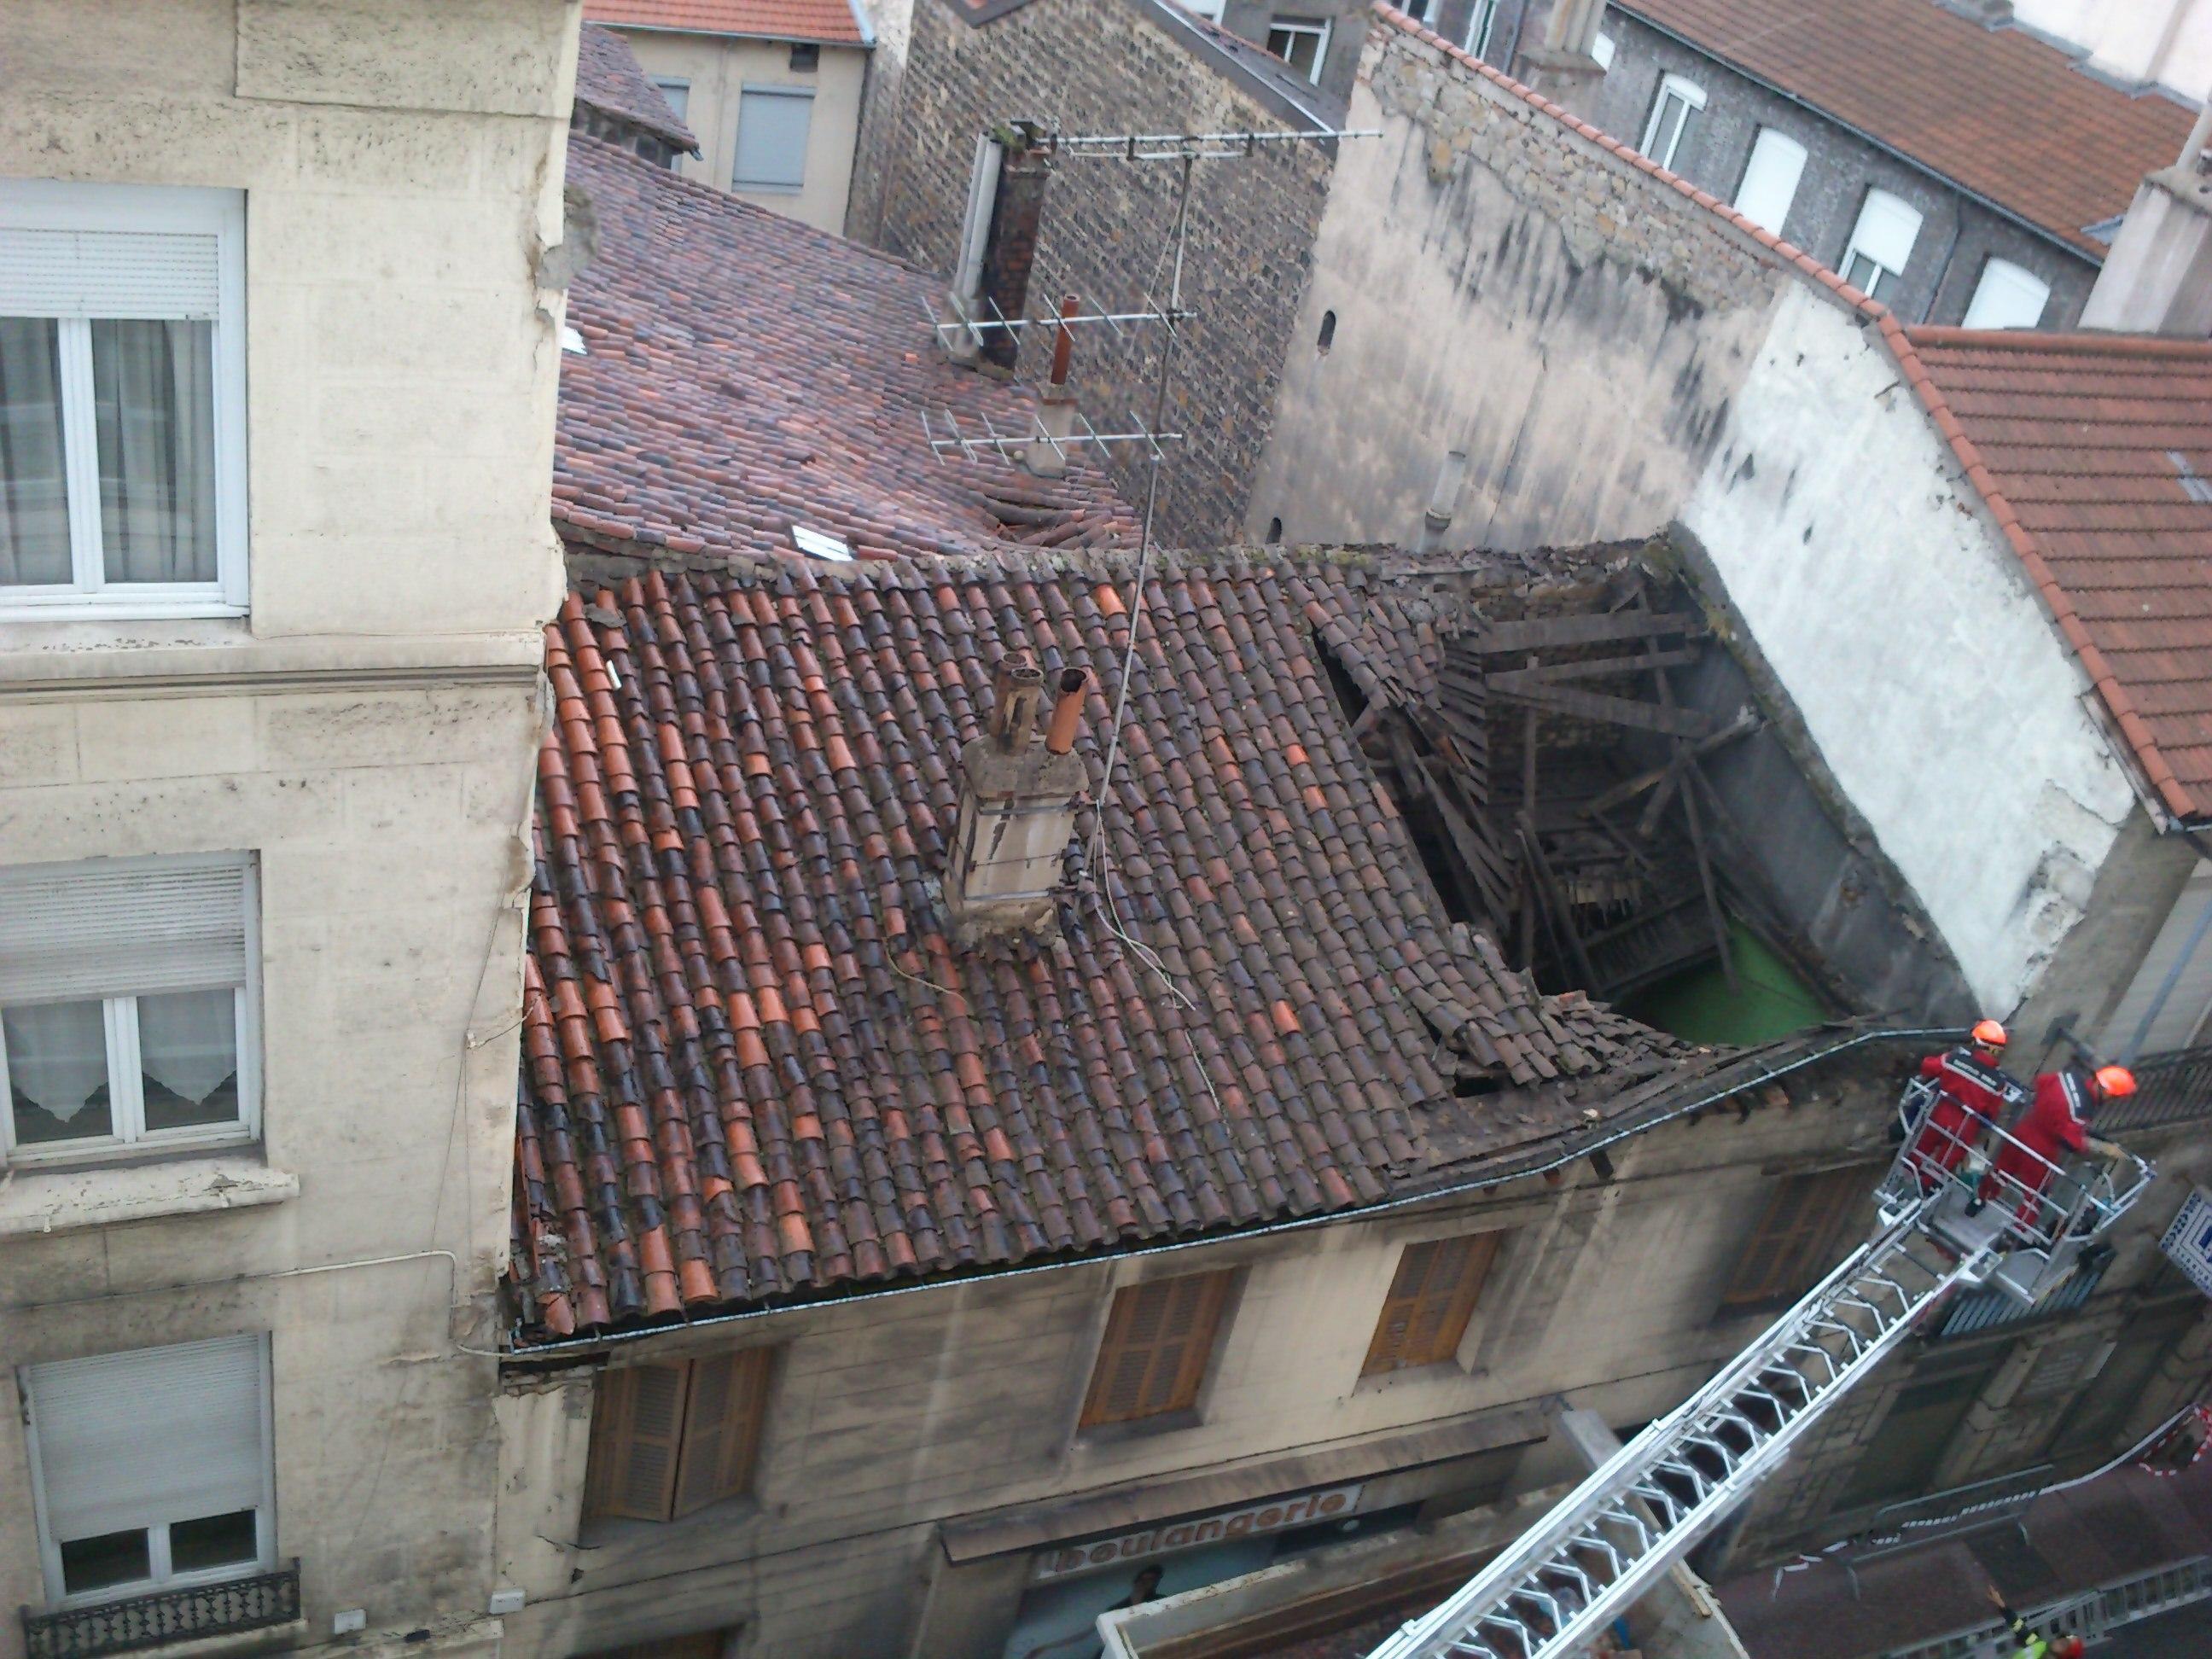 La toiture d 39 un immeuble s 39 effondre en plein centre ville de saint etienne radio scoop - Piscine miroir en kit saint etienne ...